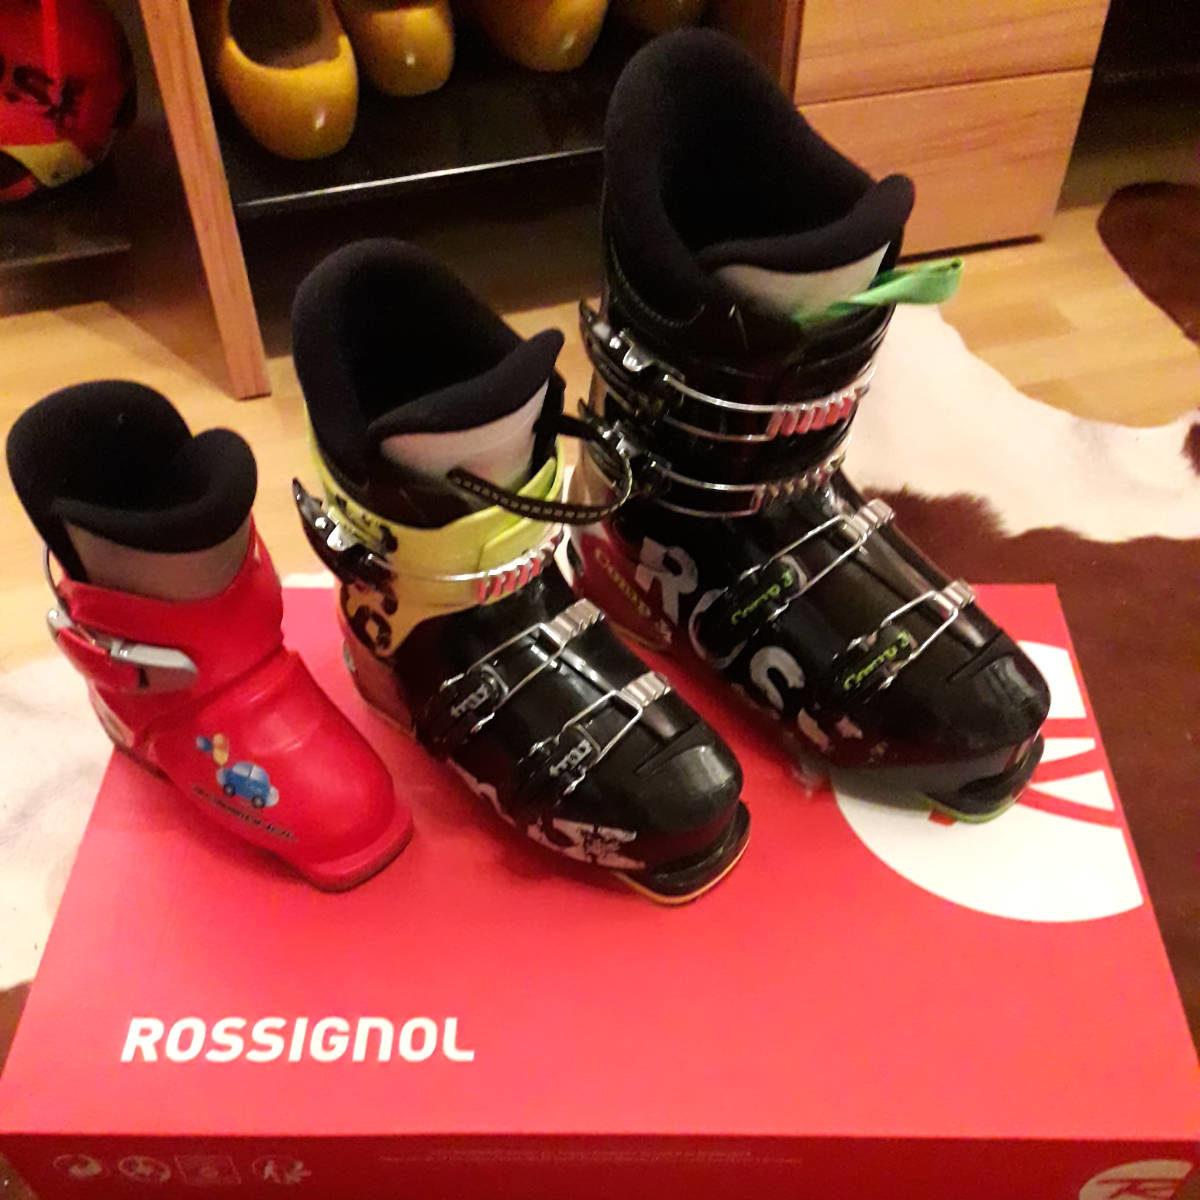 Rossignol 3